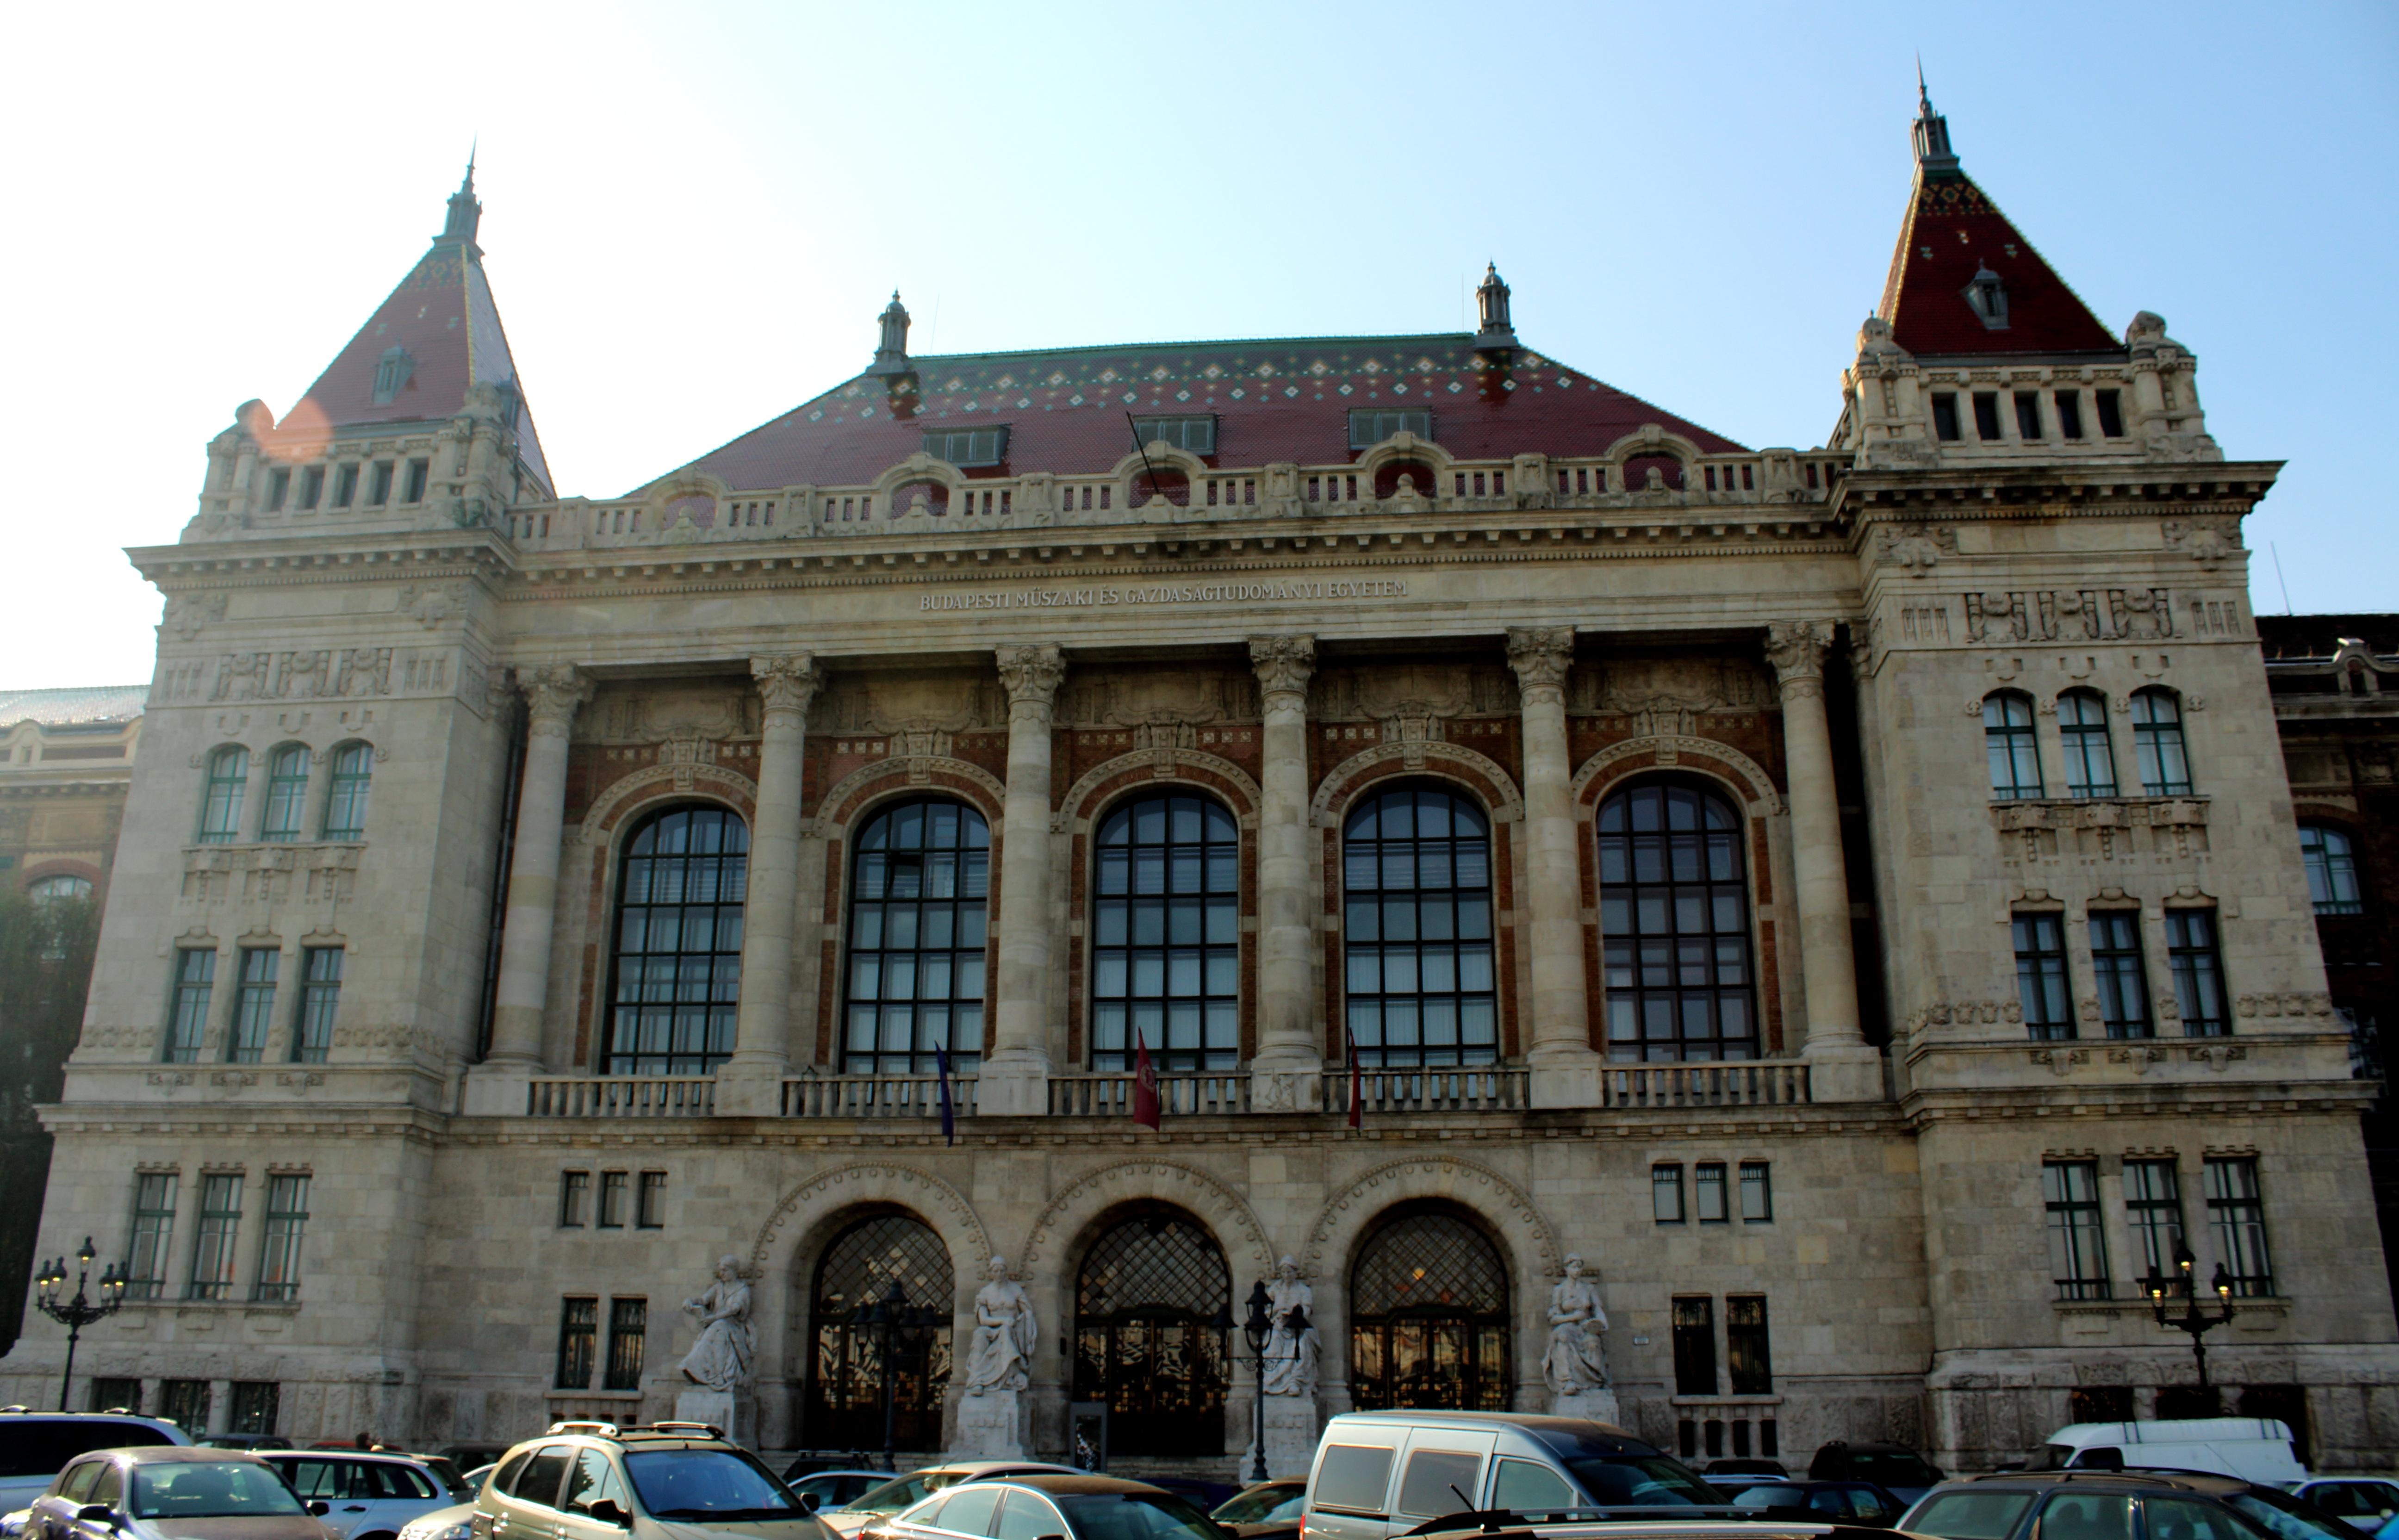 Budapesti Műszaki Egyetem K épület. Építész: Hauszmann Alajos, Zsolnay-porcelán tetőcserepek.